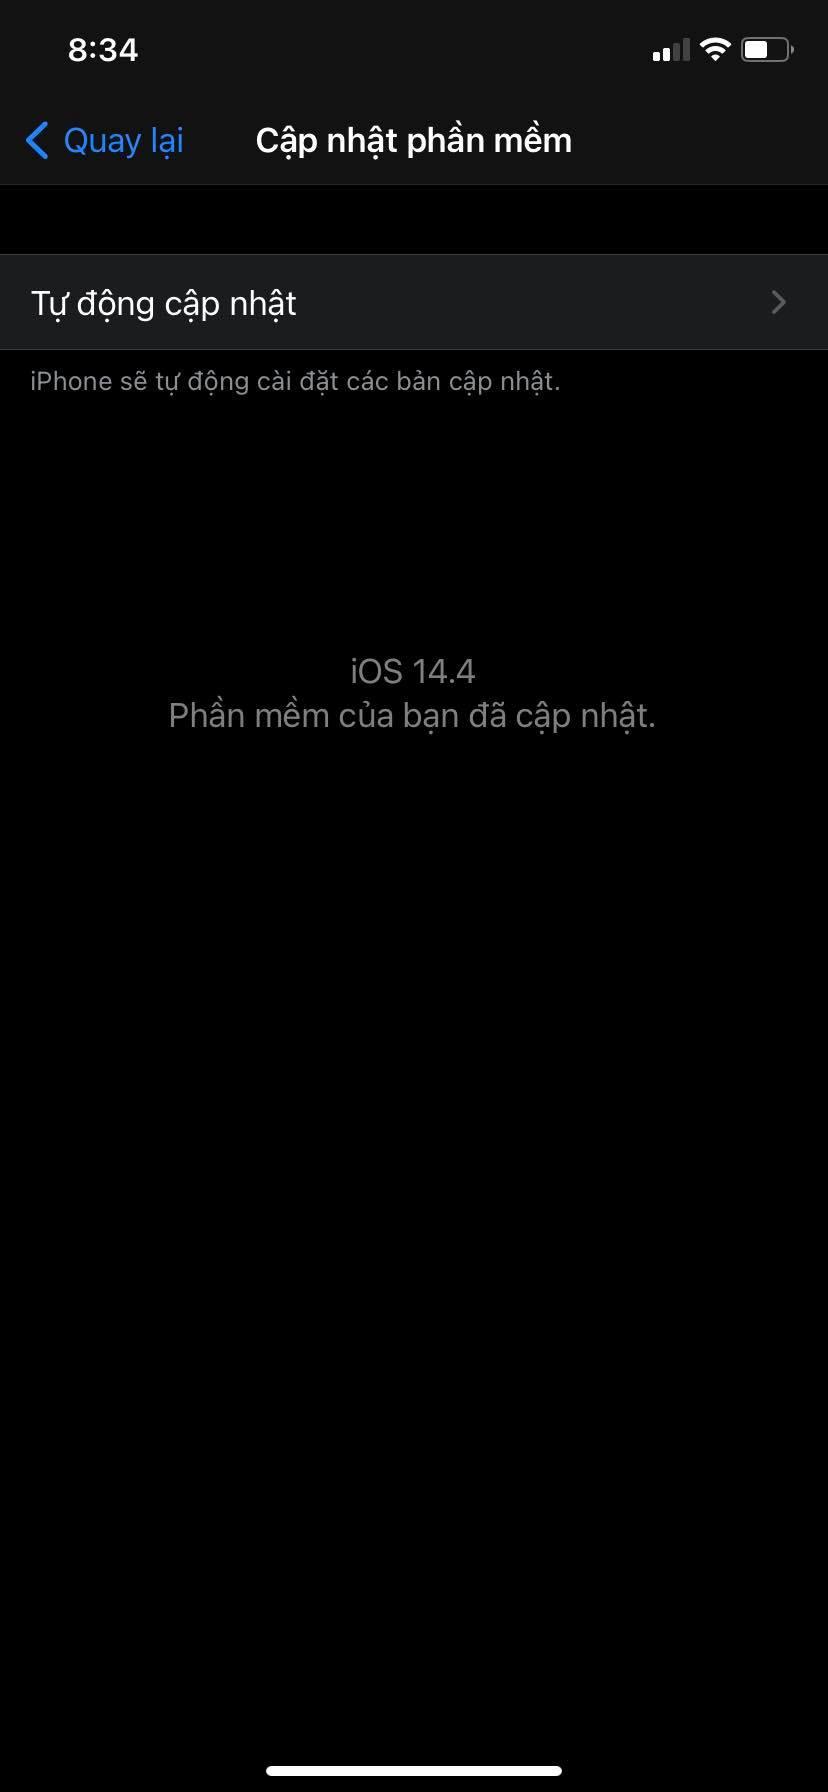 iOS 14.4 có gì mới?